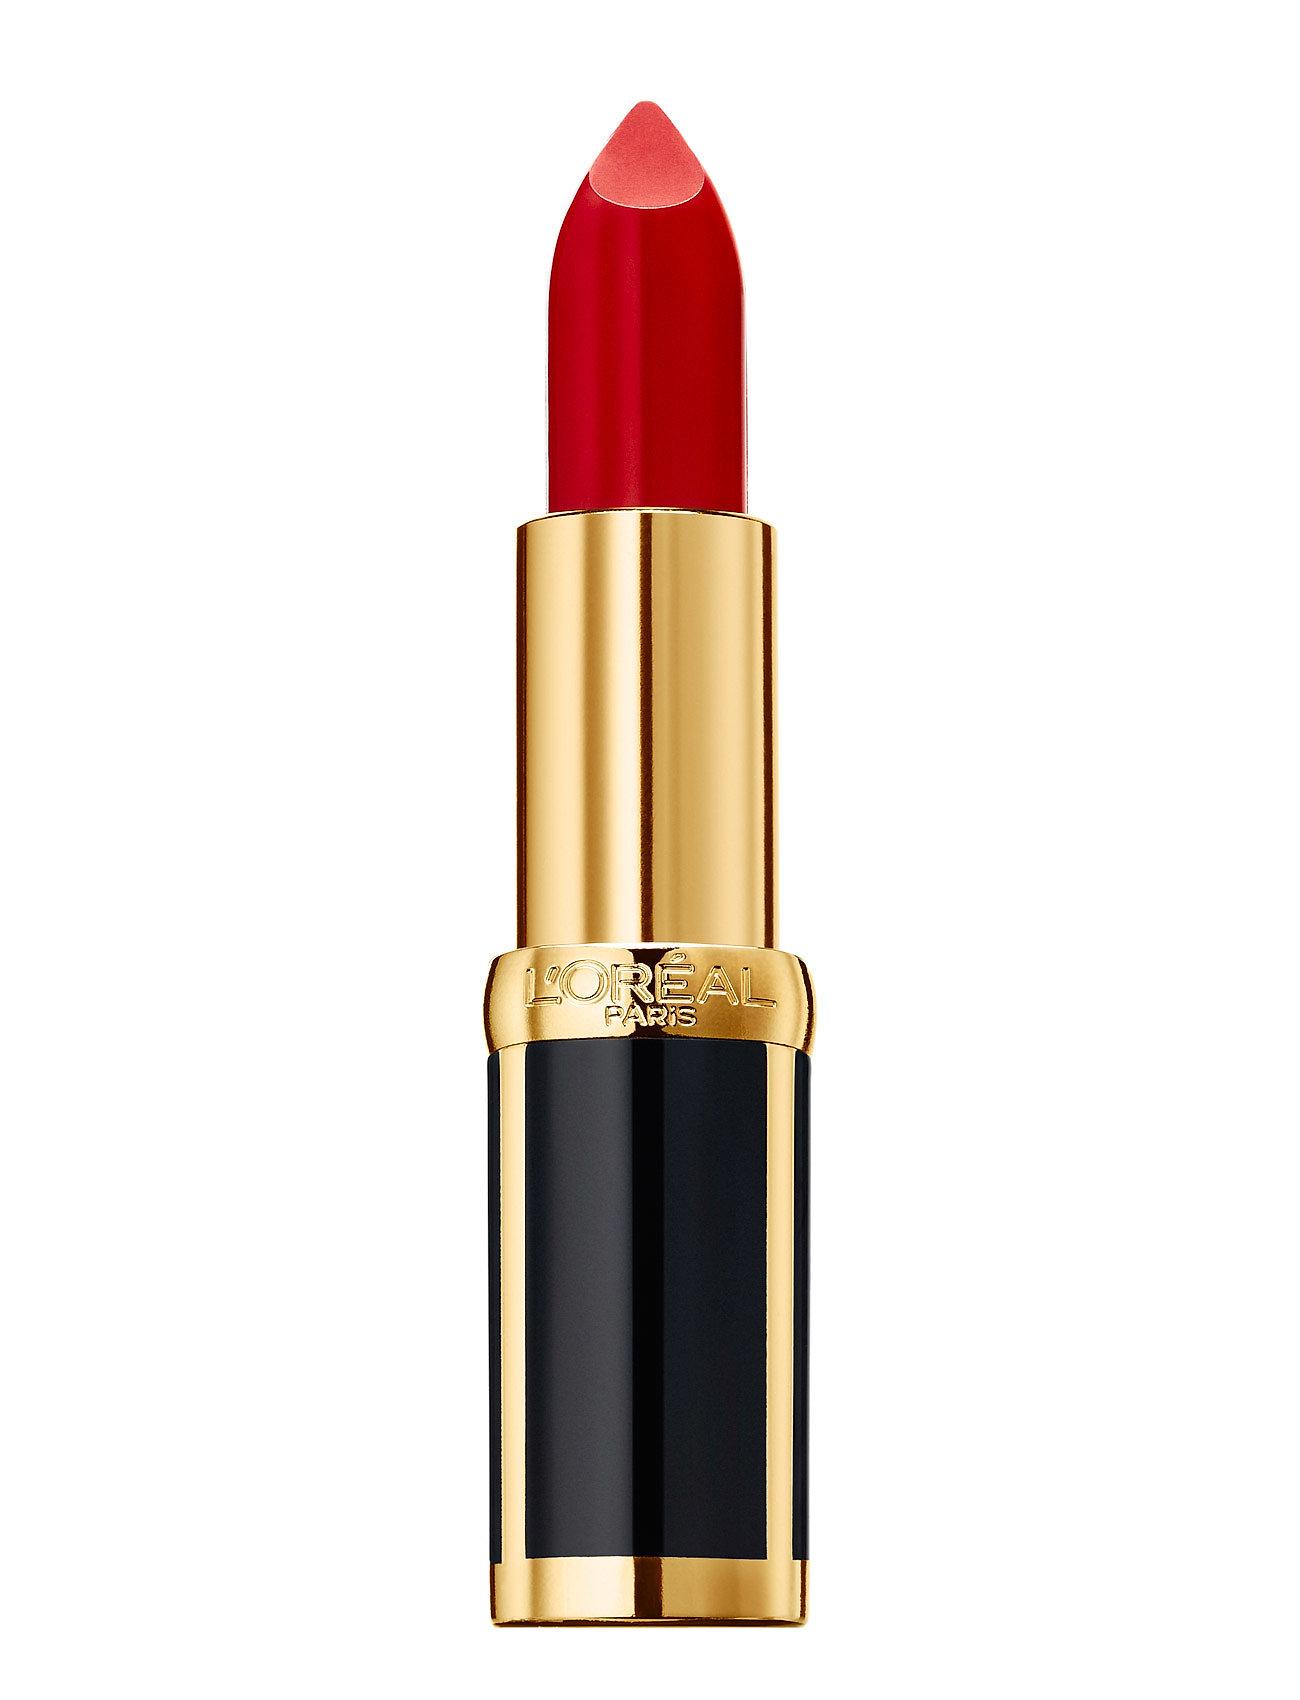 L'Oréal Paris COLOR RICHE X BALMAIN COUTURE